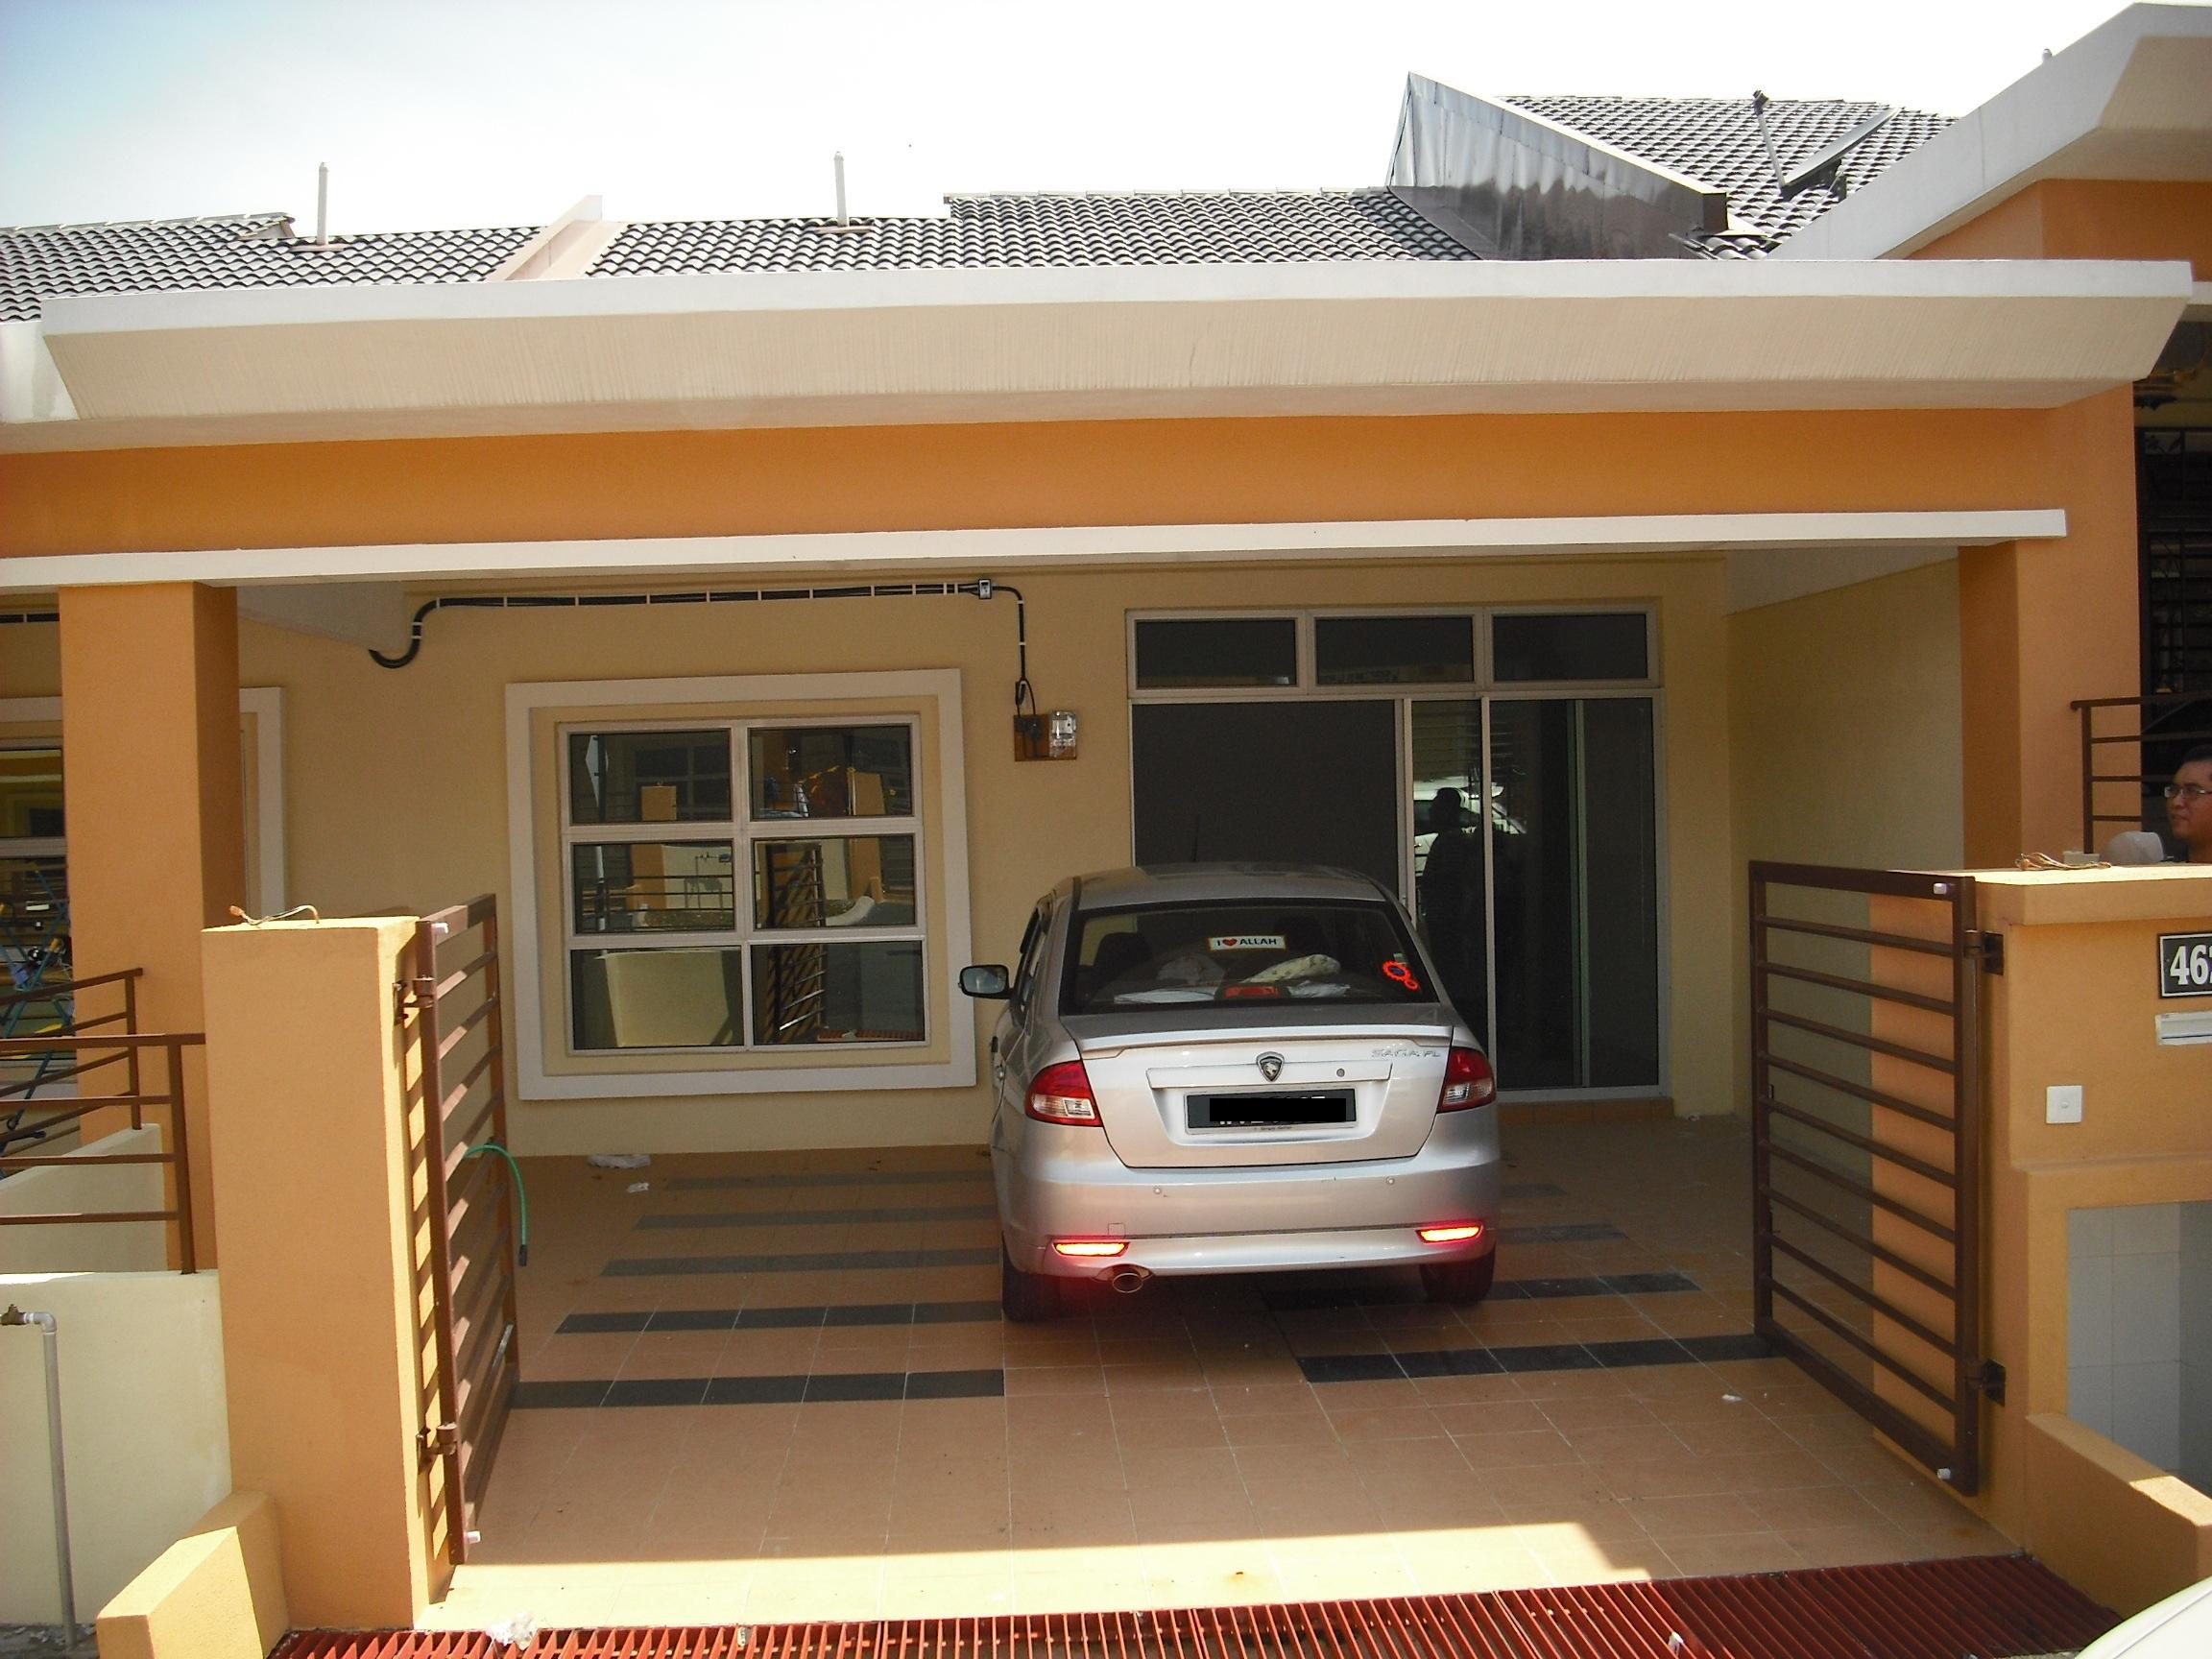 Single Storey Terrace For Sale Taman Nusa Intan Senawang Ejen Hartanah Berdaftar Rumah Untuk Dijual Di Bangi Serdang Seri Kembangan Kinrara Puchong Cyberjaya Putrajaya Salak Tinggi Jual Beli Sewa Rumah